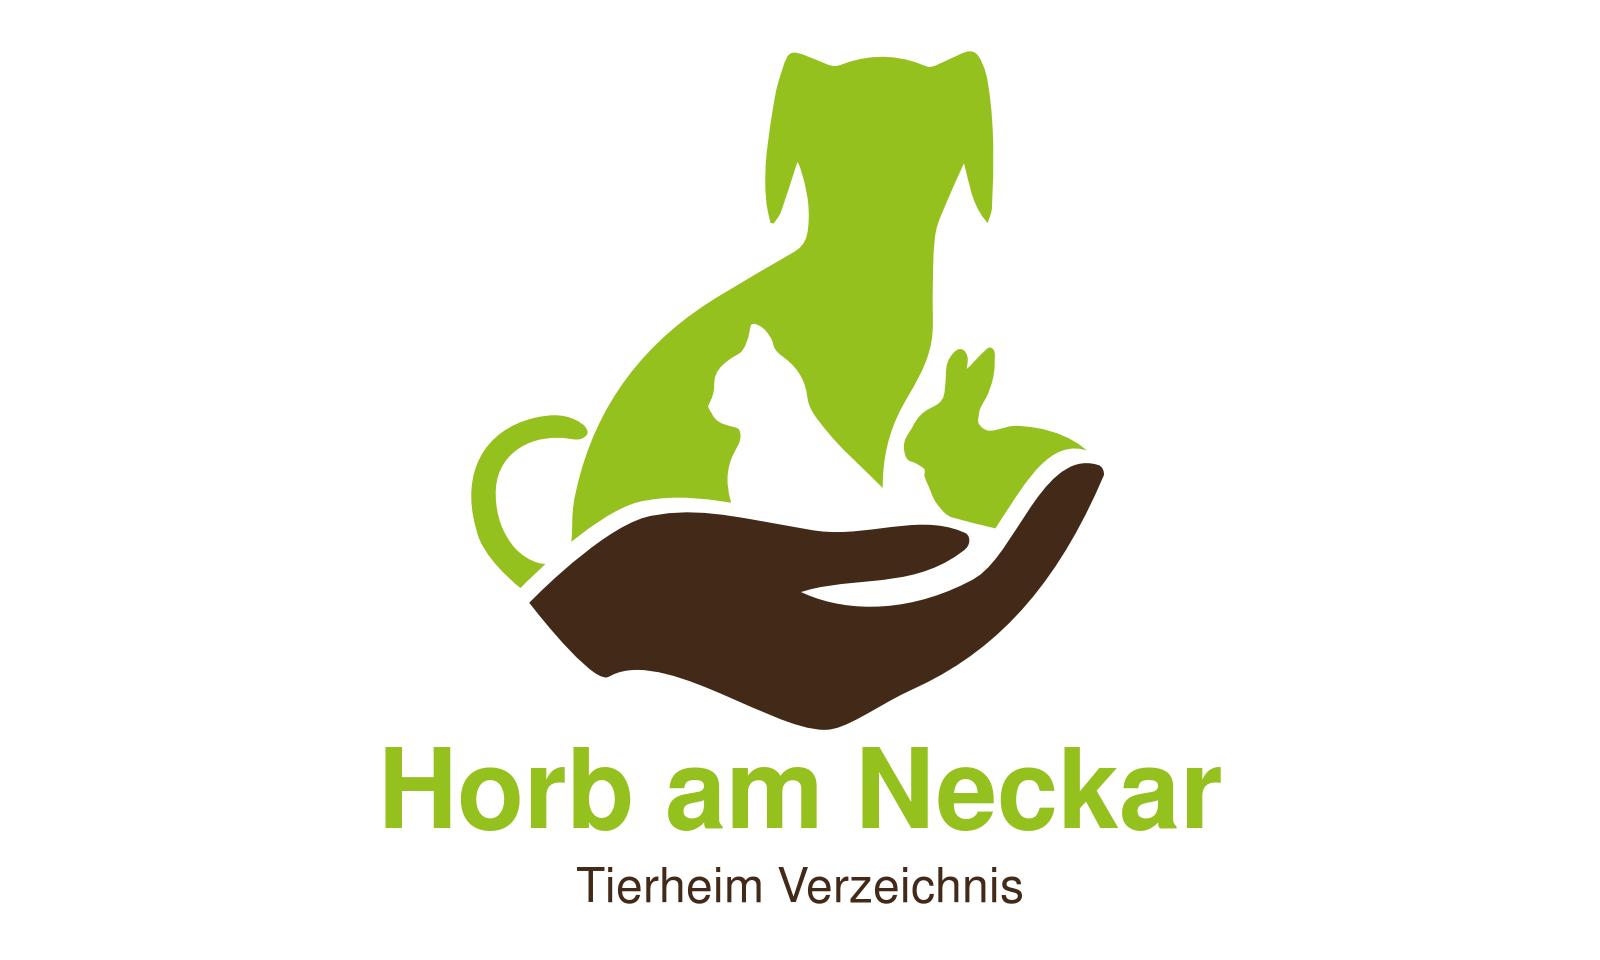 Tierheim horb